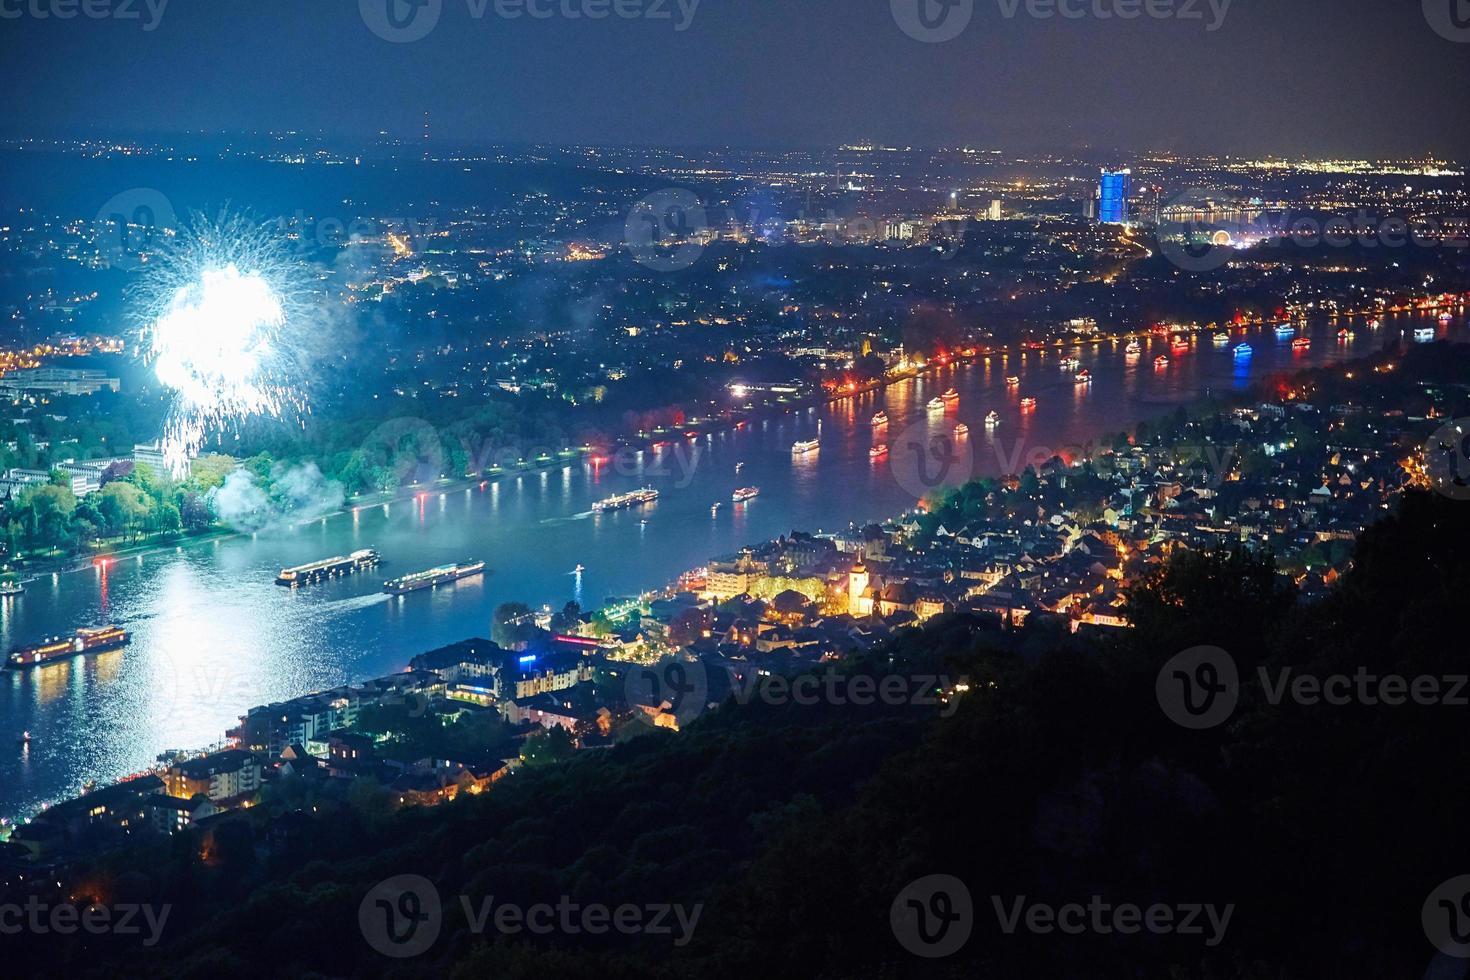 vuurwerkevenement met verlichte schepen en skyline foto